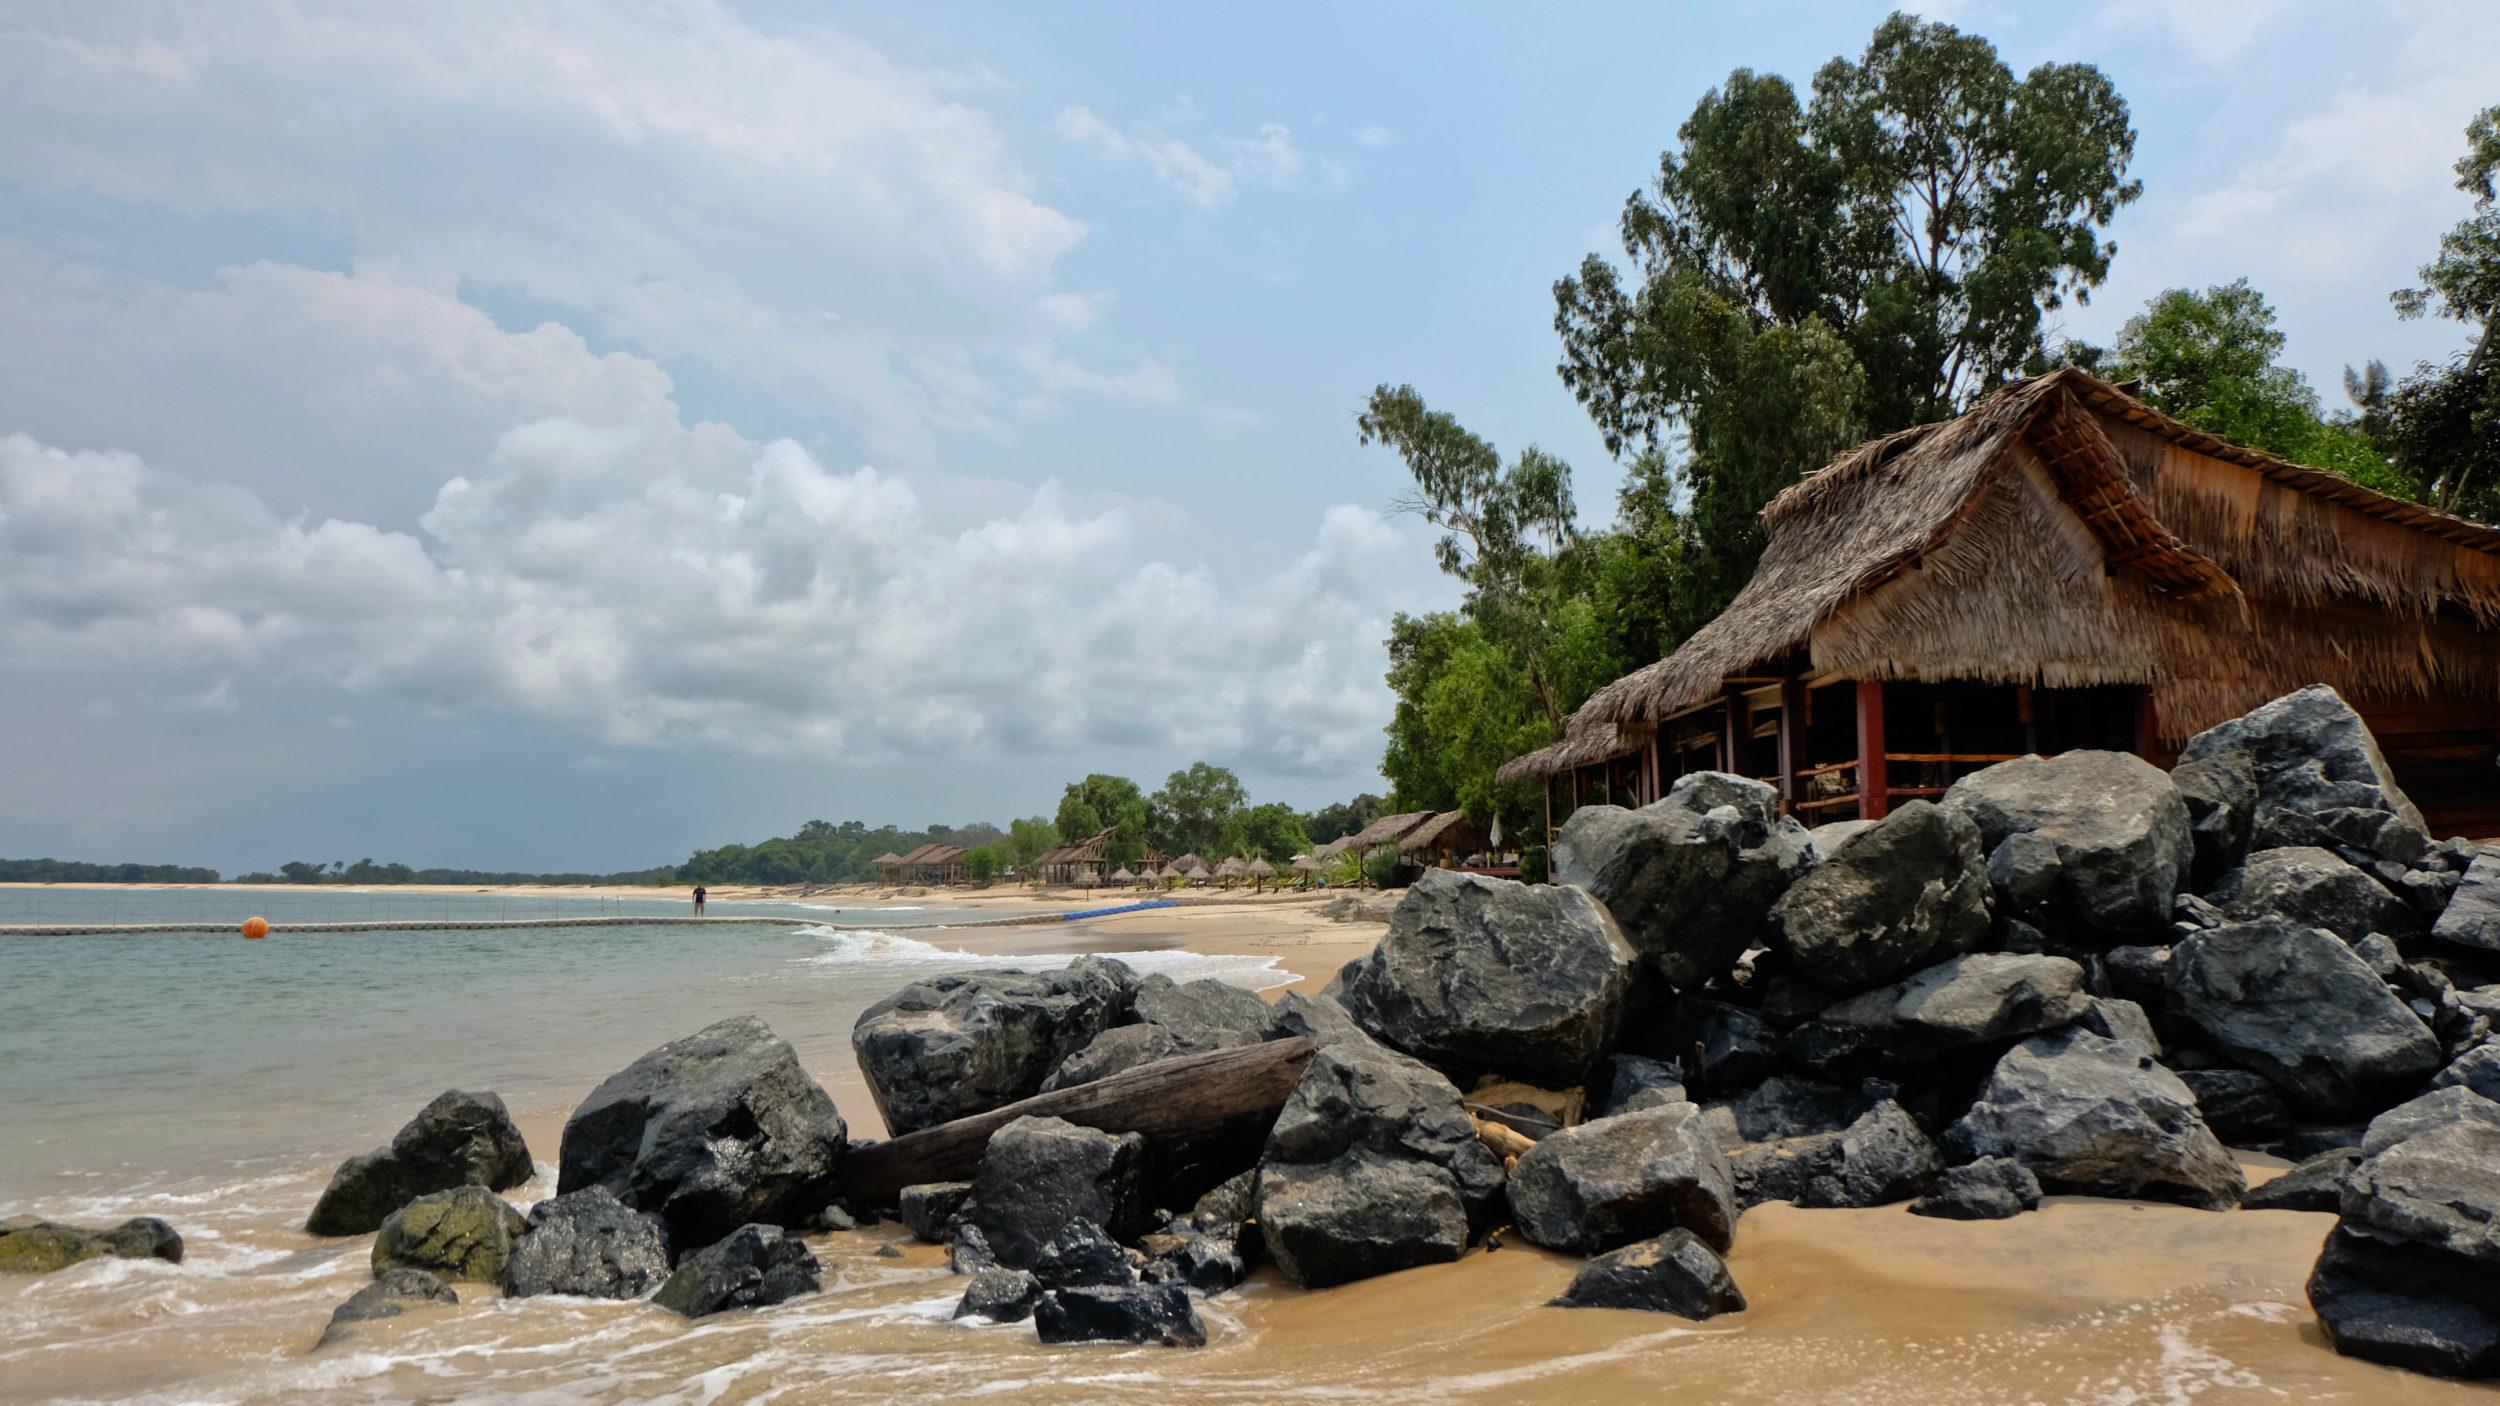 Gabon [shutterstock]